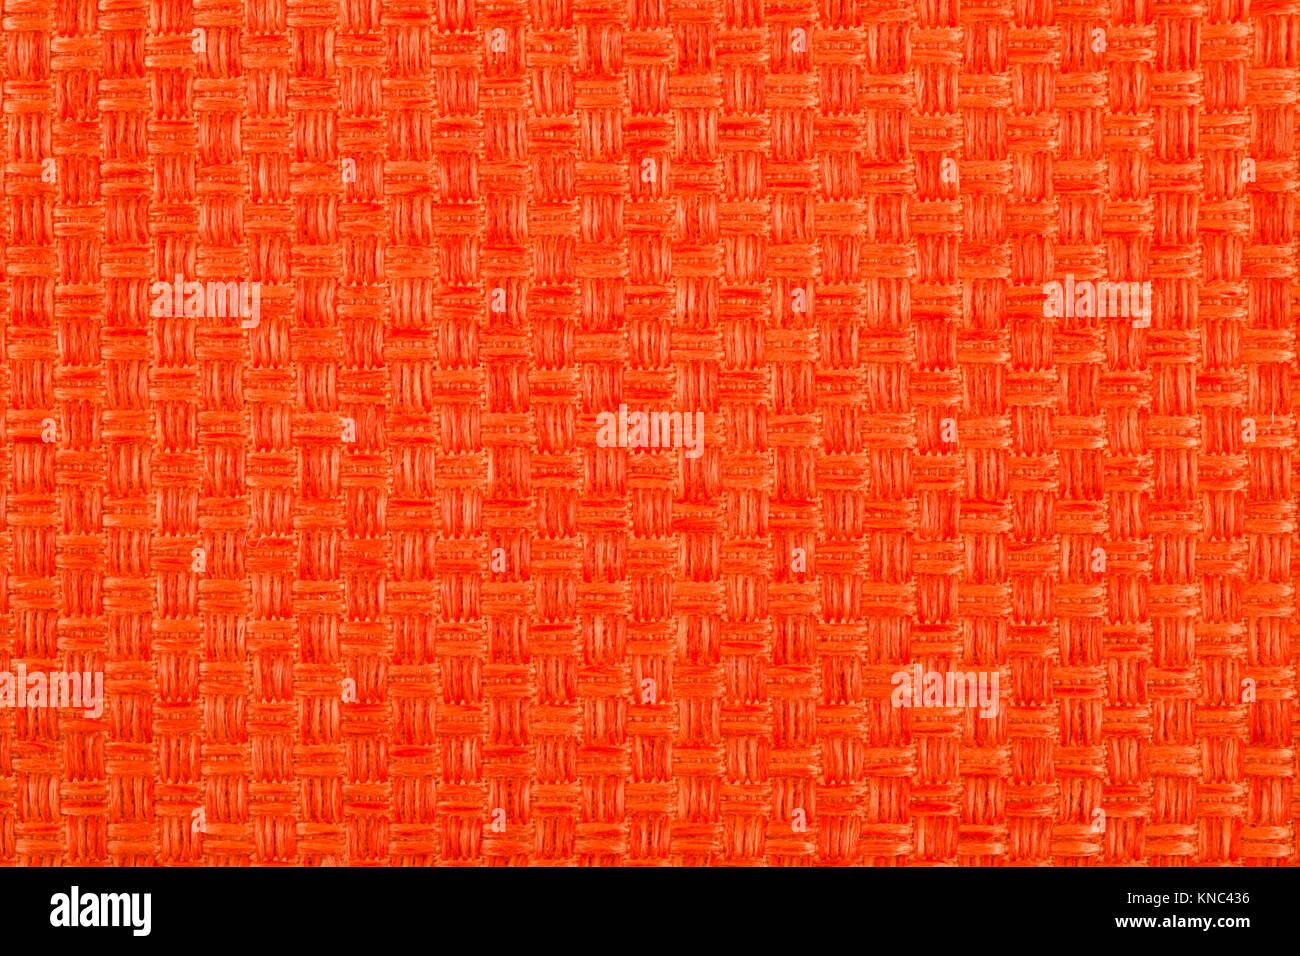 Arrière-plan de tissu de couleur orange Photo Stock